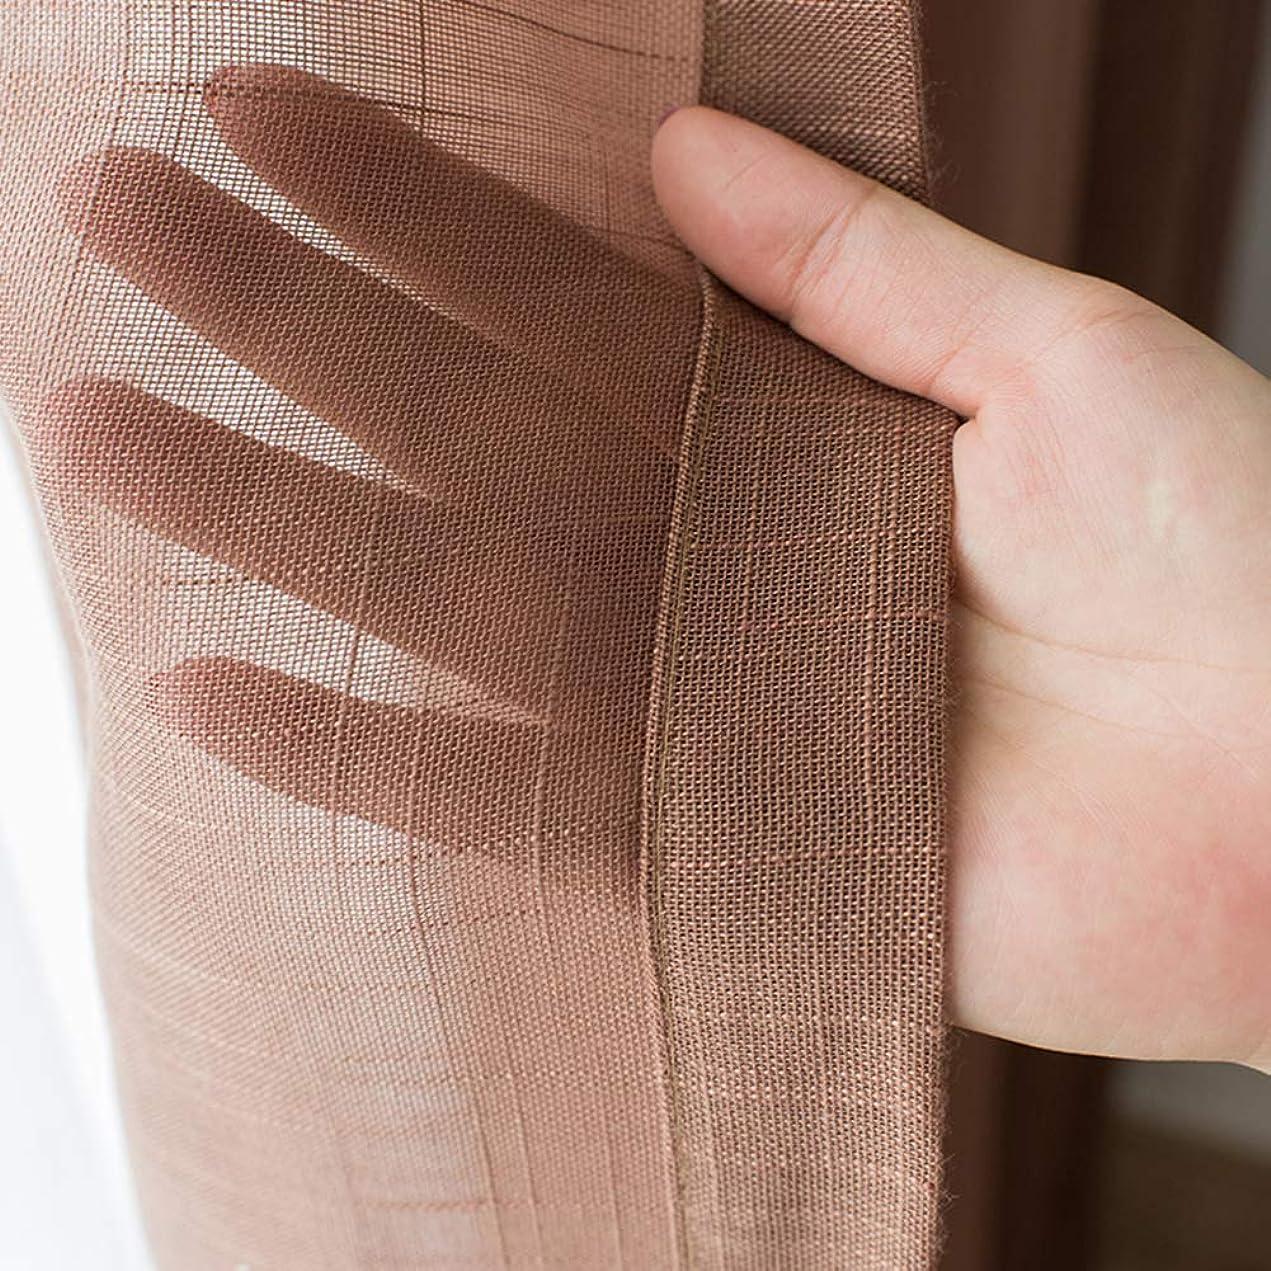 ペルメル画面の量シアーコットンヤーンカーテンパネルチュールカーテン,リビングルームキッチンバルコニー窓糸のためのセミボイルドレープ -ブラウン